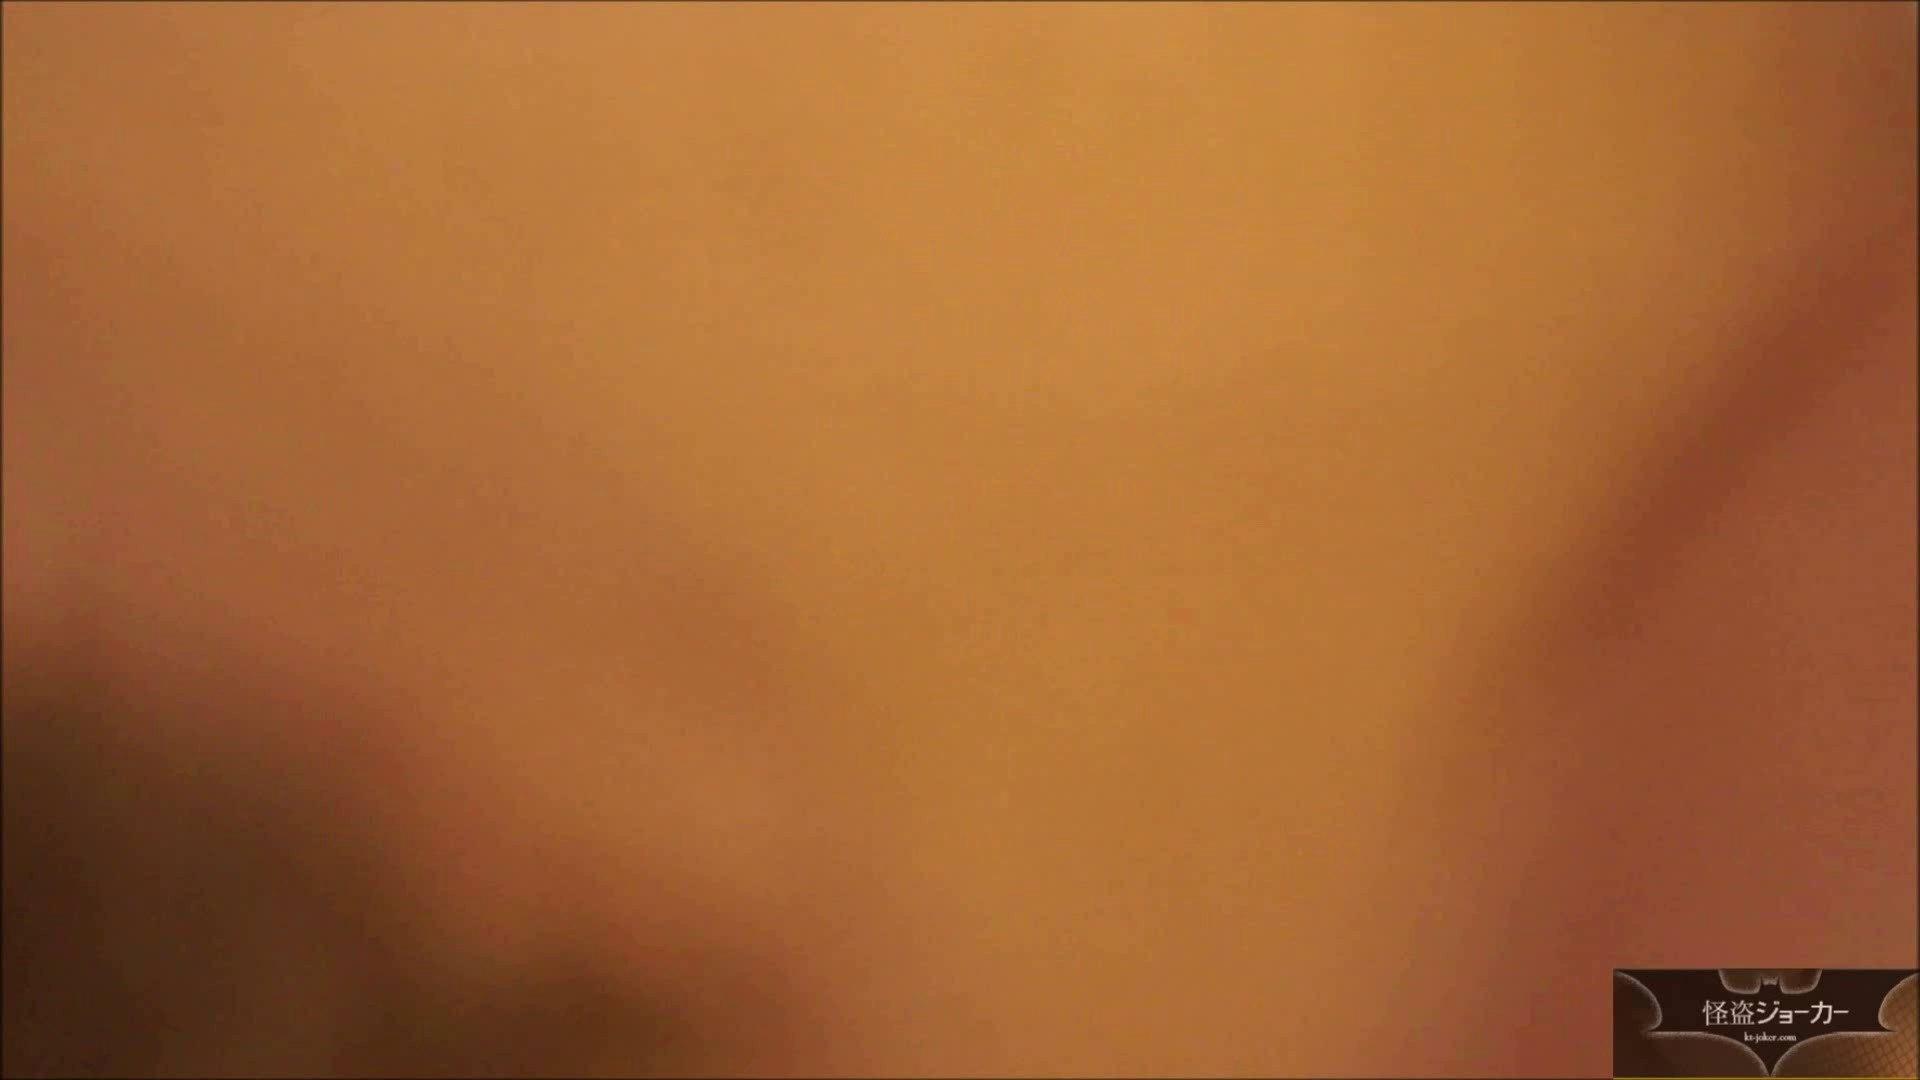 【未公開】vol.9 セレブ美魔女・ユキさんとの1年ぶりに会った日。 OL   0  88連発 24